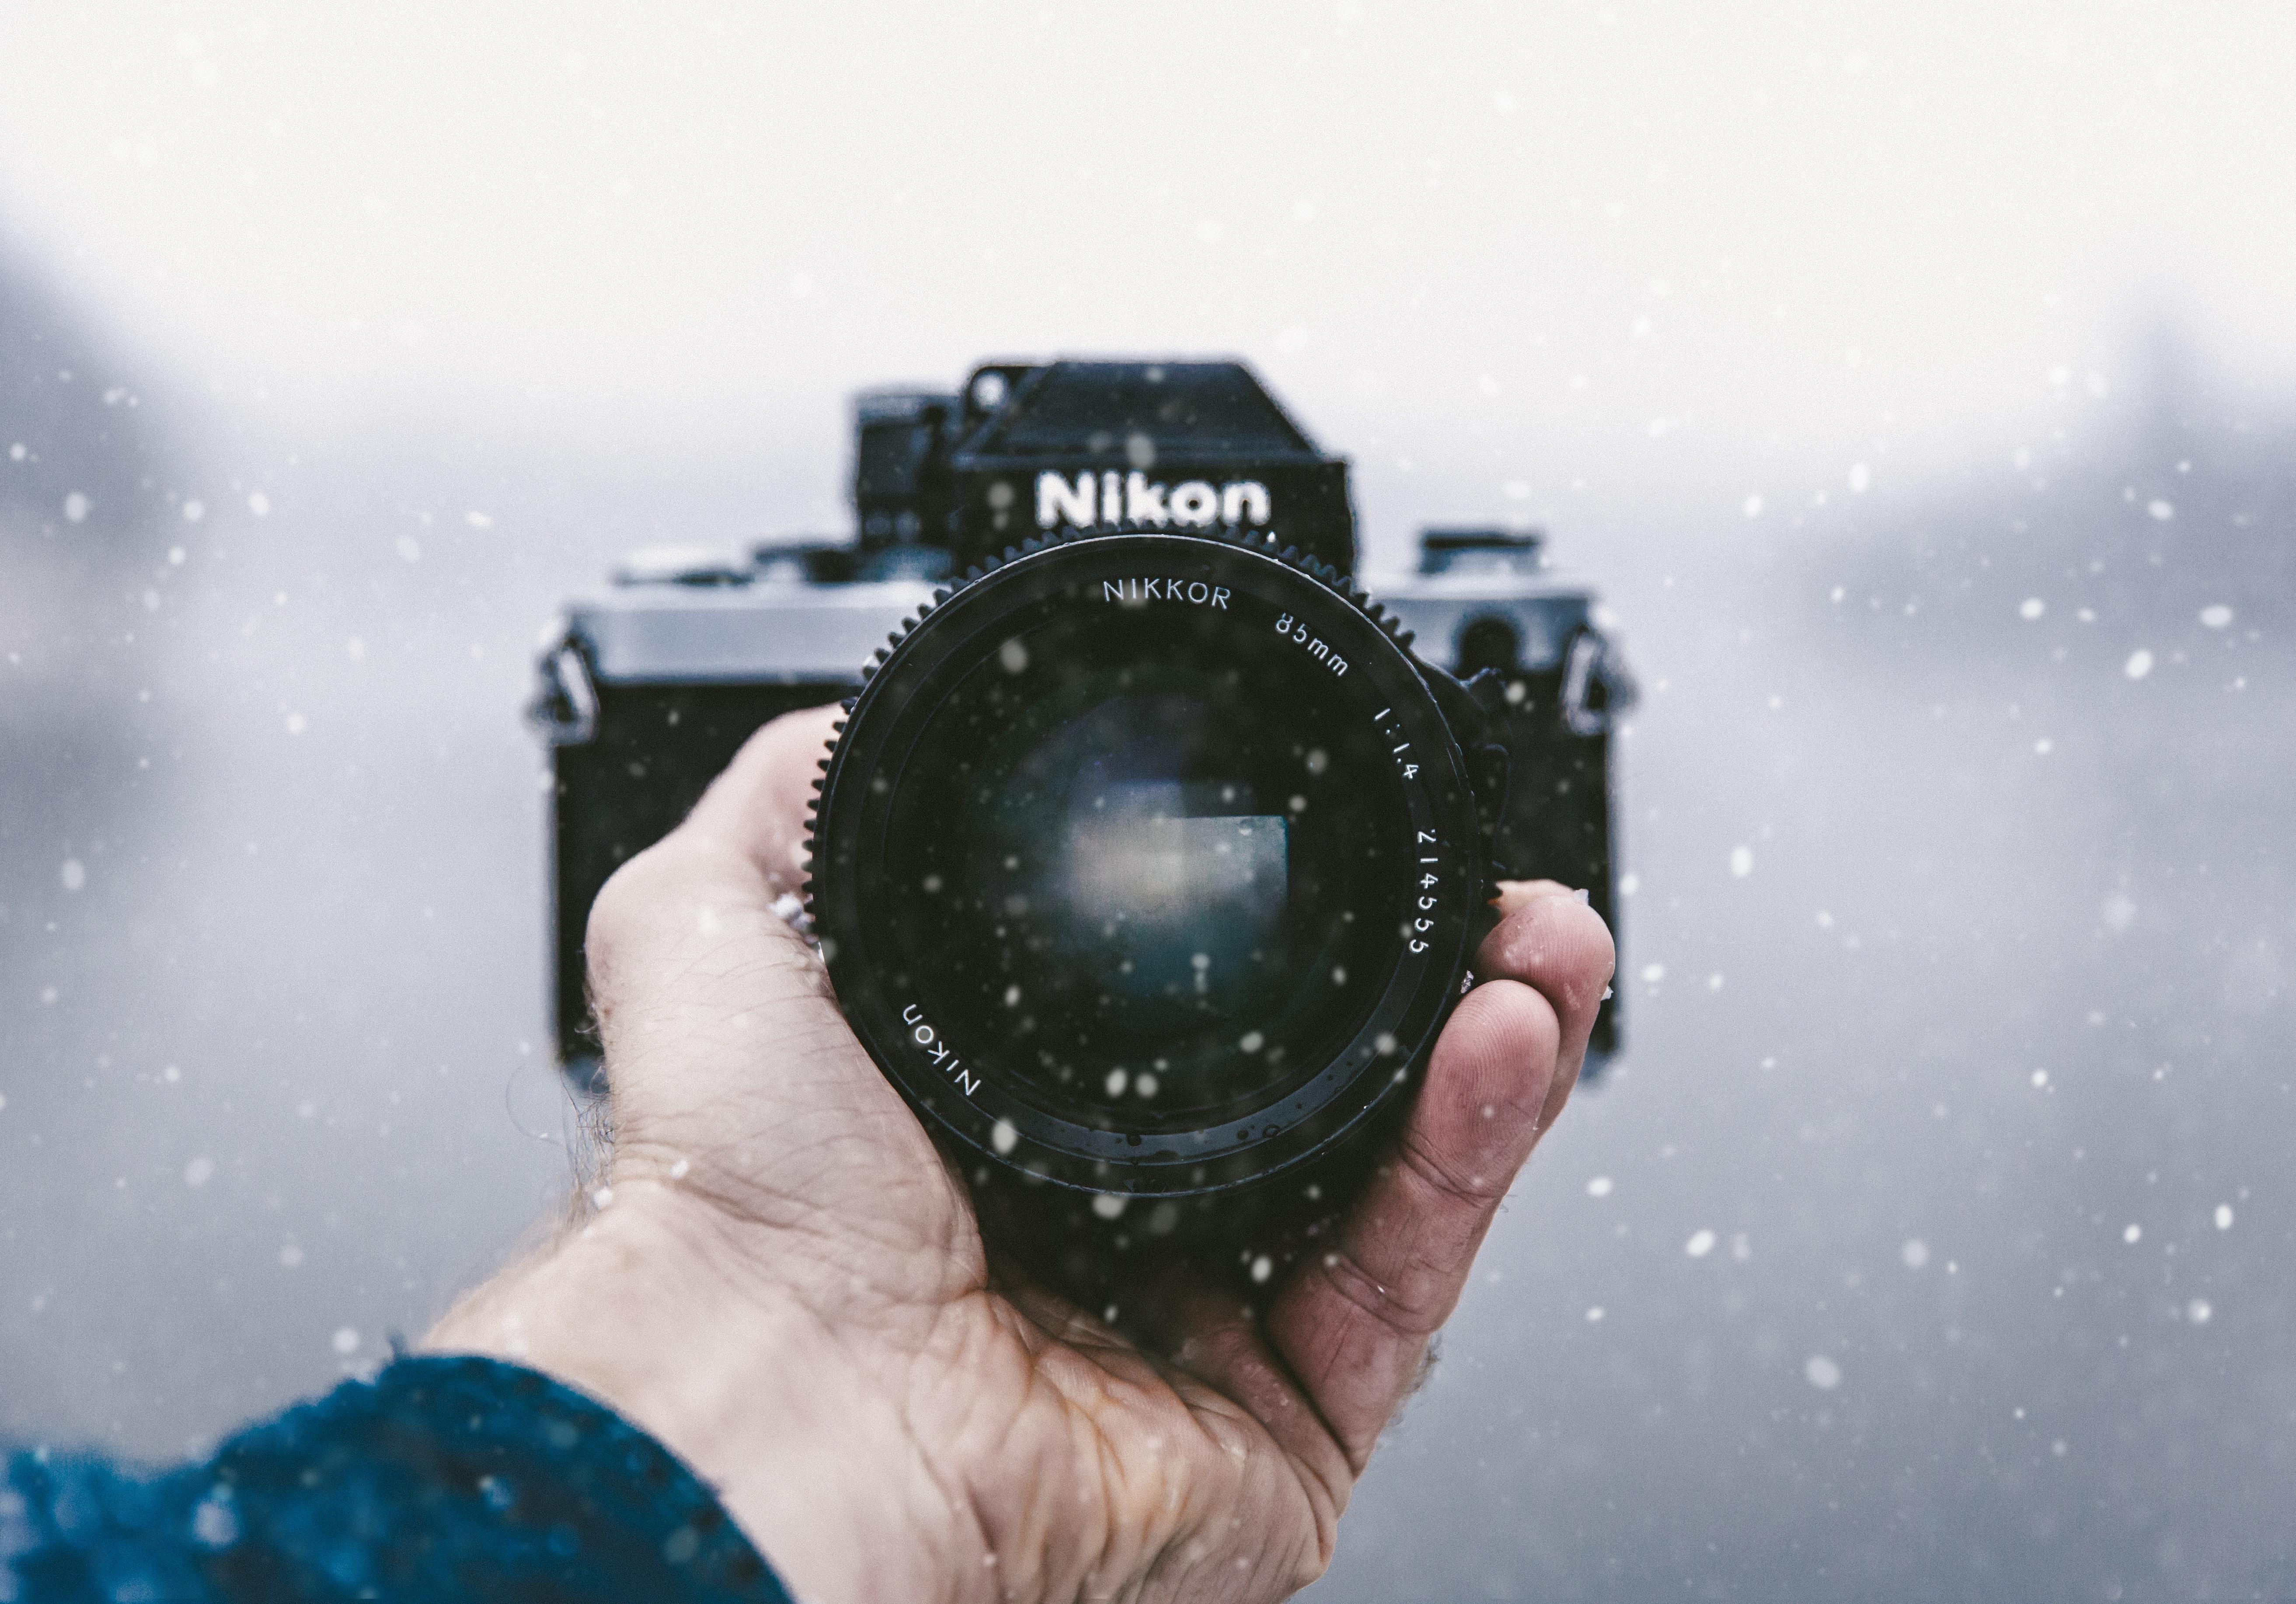 использование фотоаппарата на морозе продолжают помогать